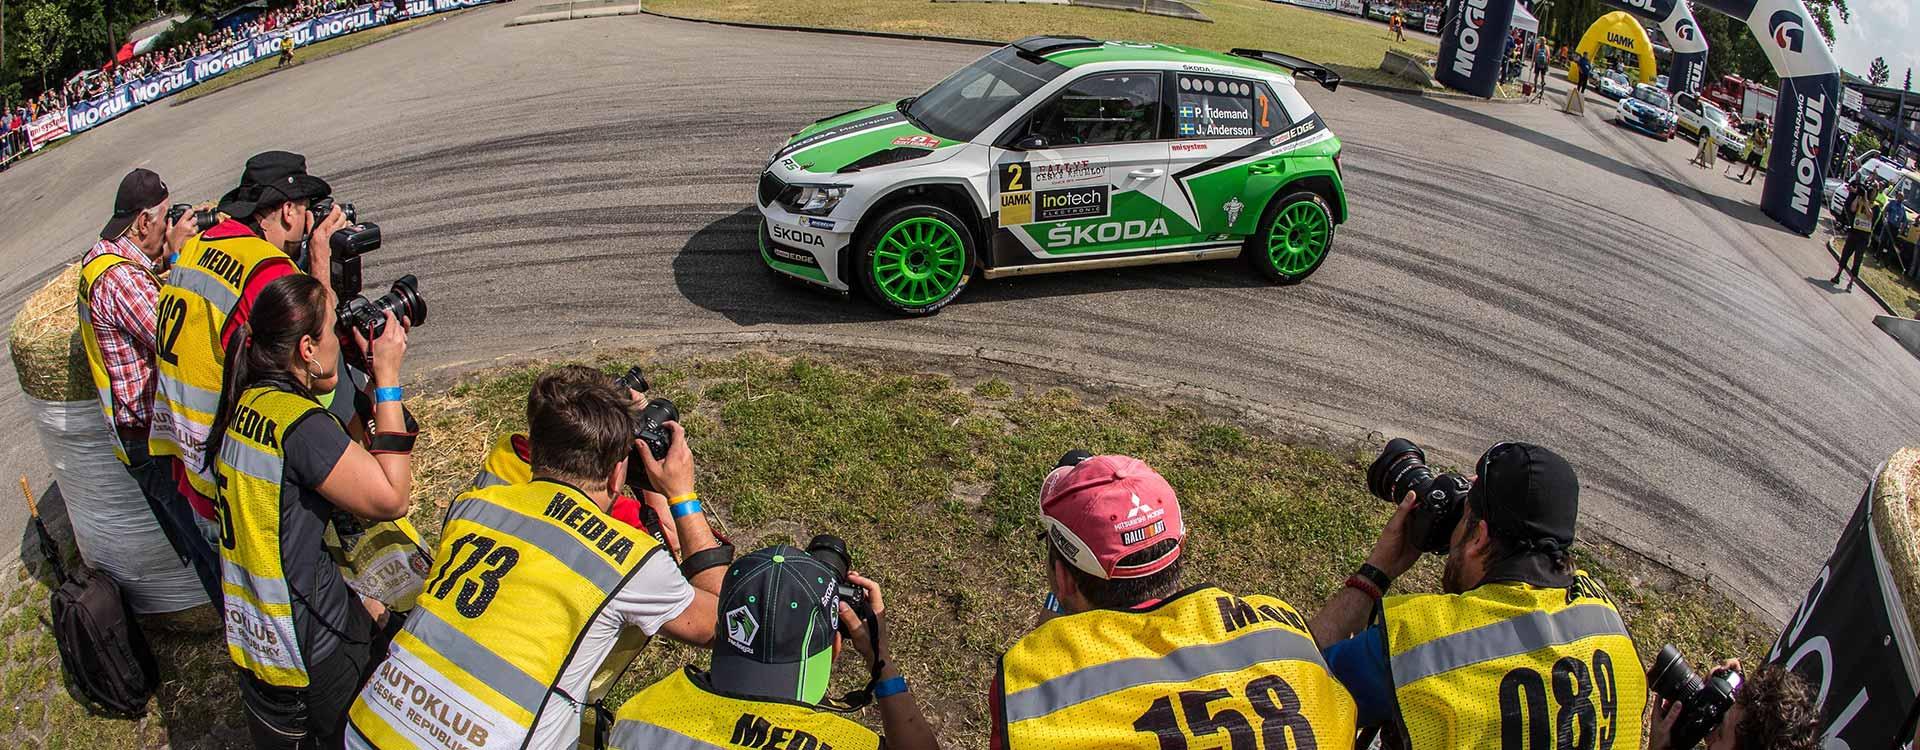 PHOTO: ŠKODA Fabia R5 cars at the Rallye Český Krumlov